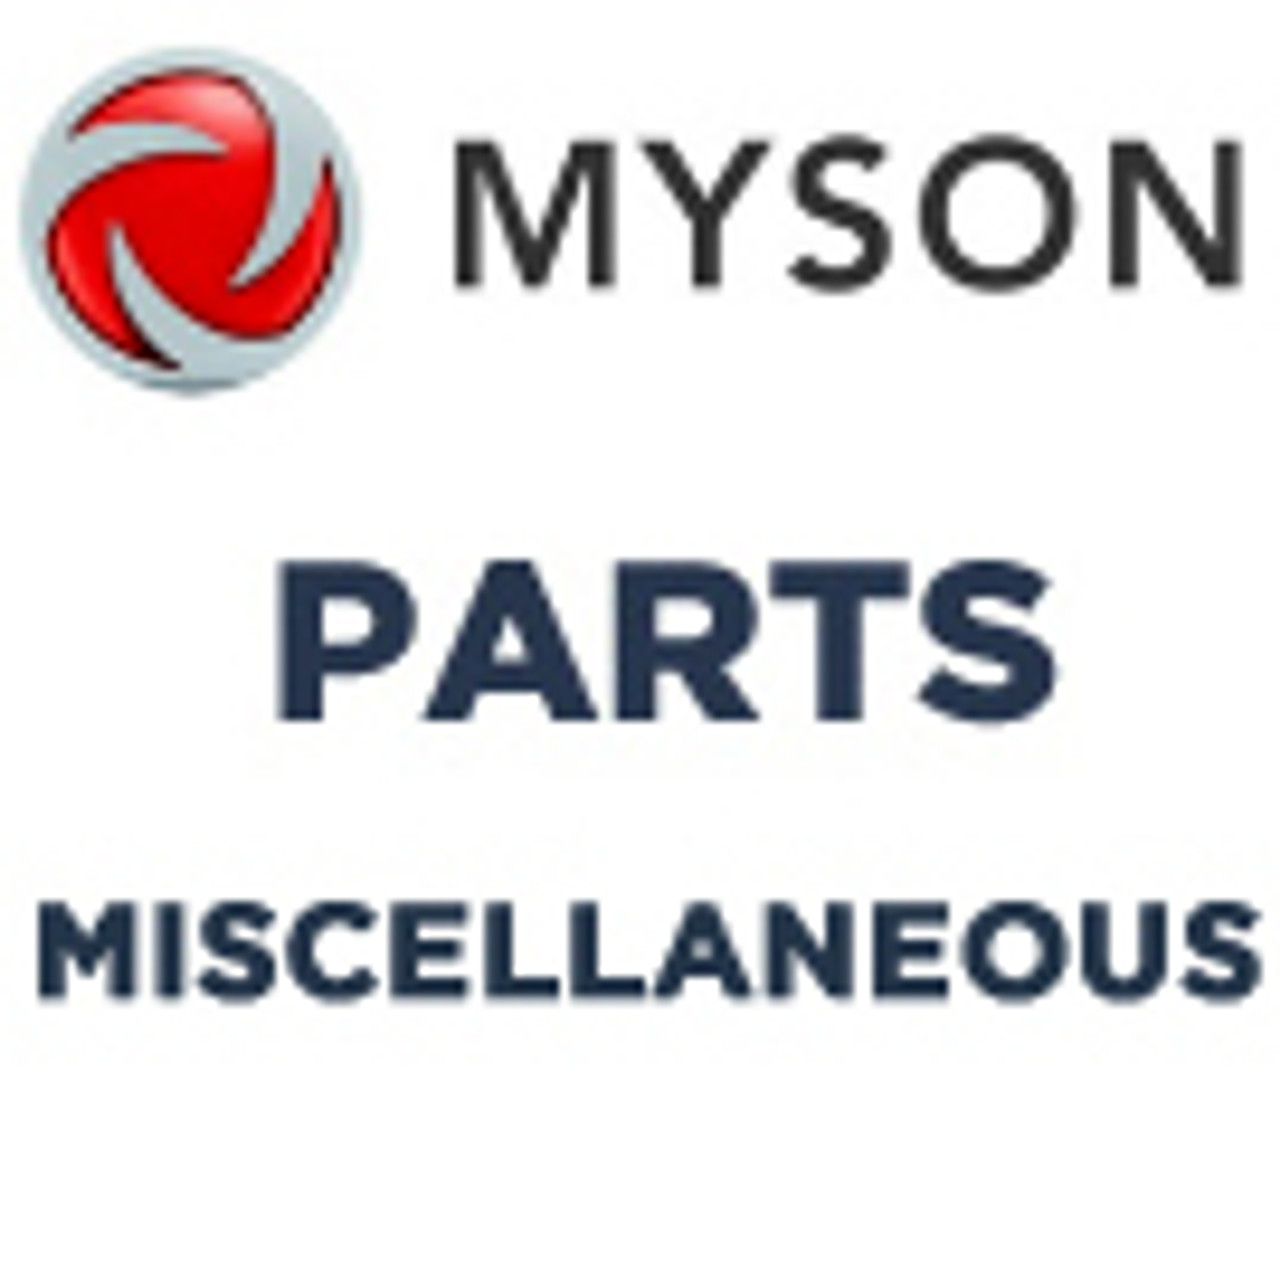 Myson Miscellaneous Parts